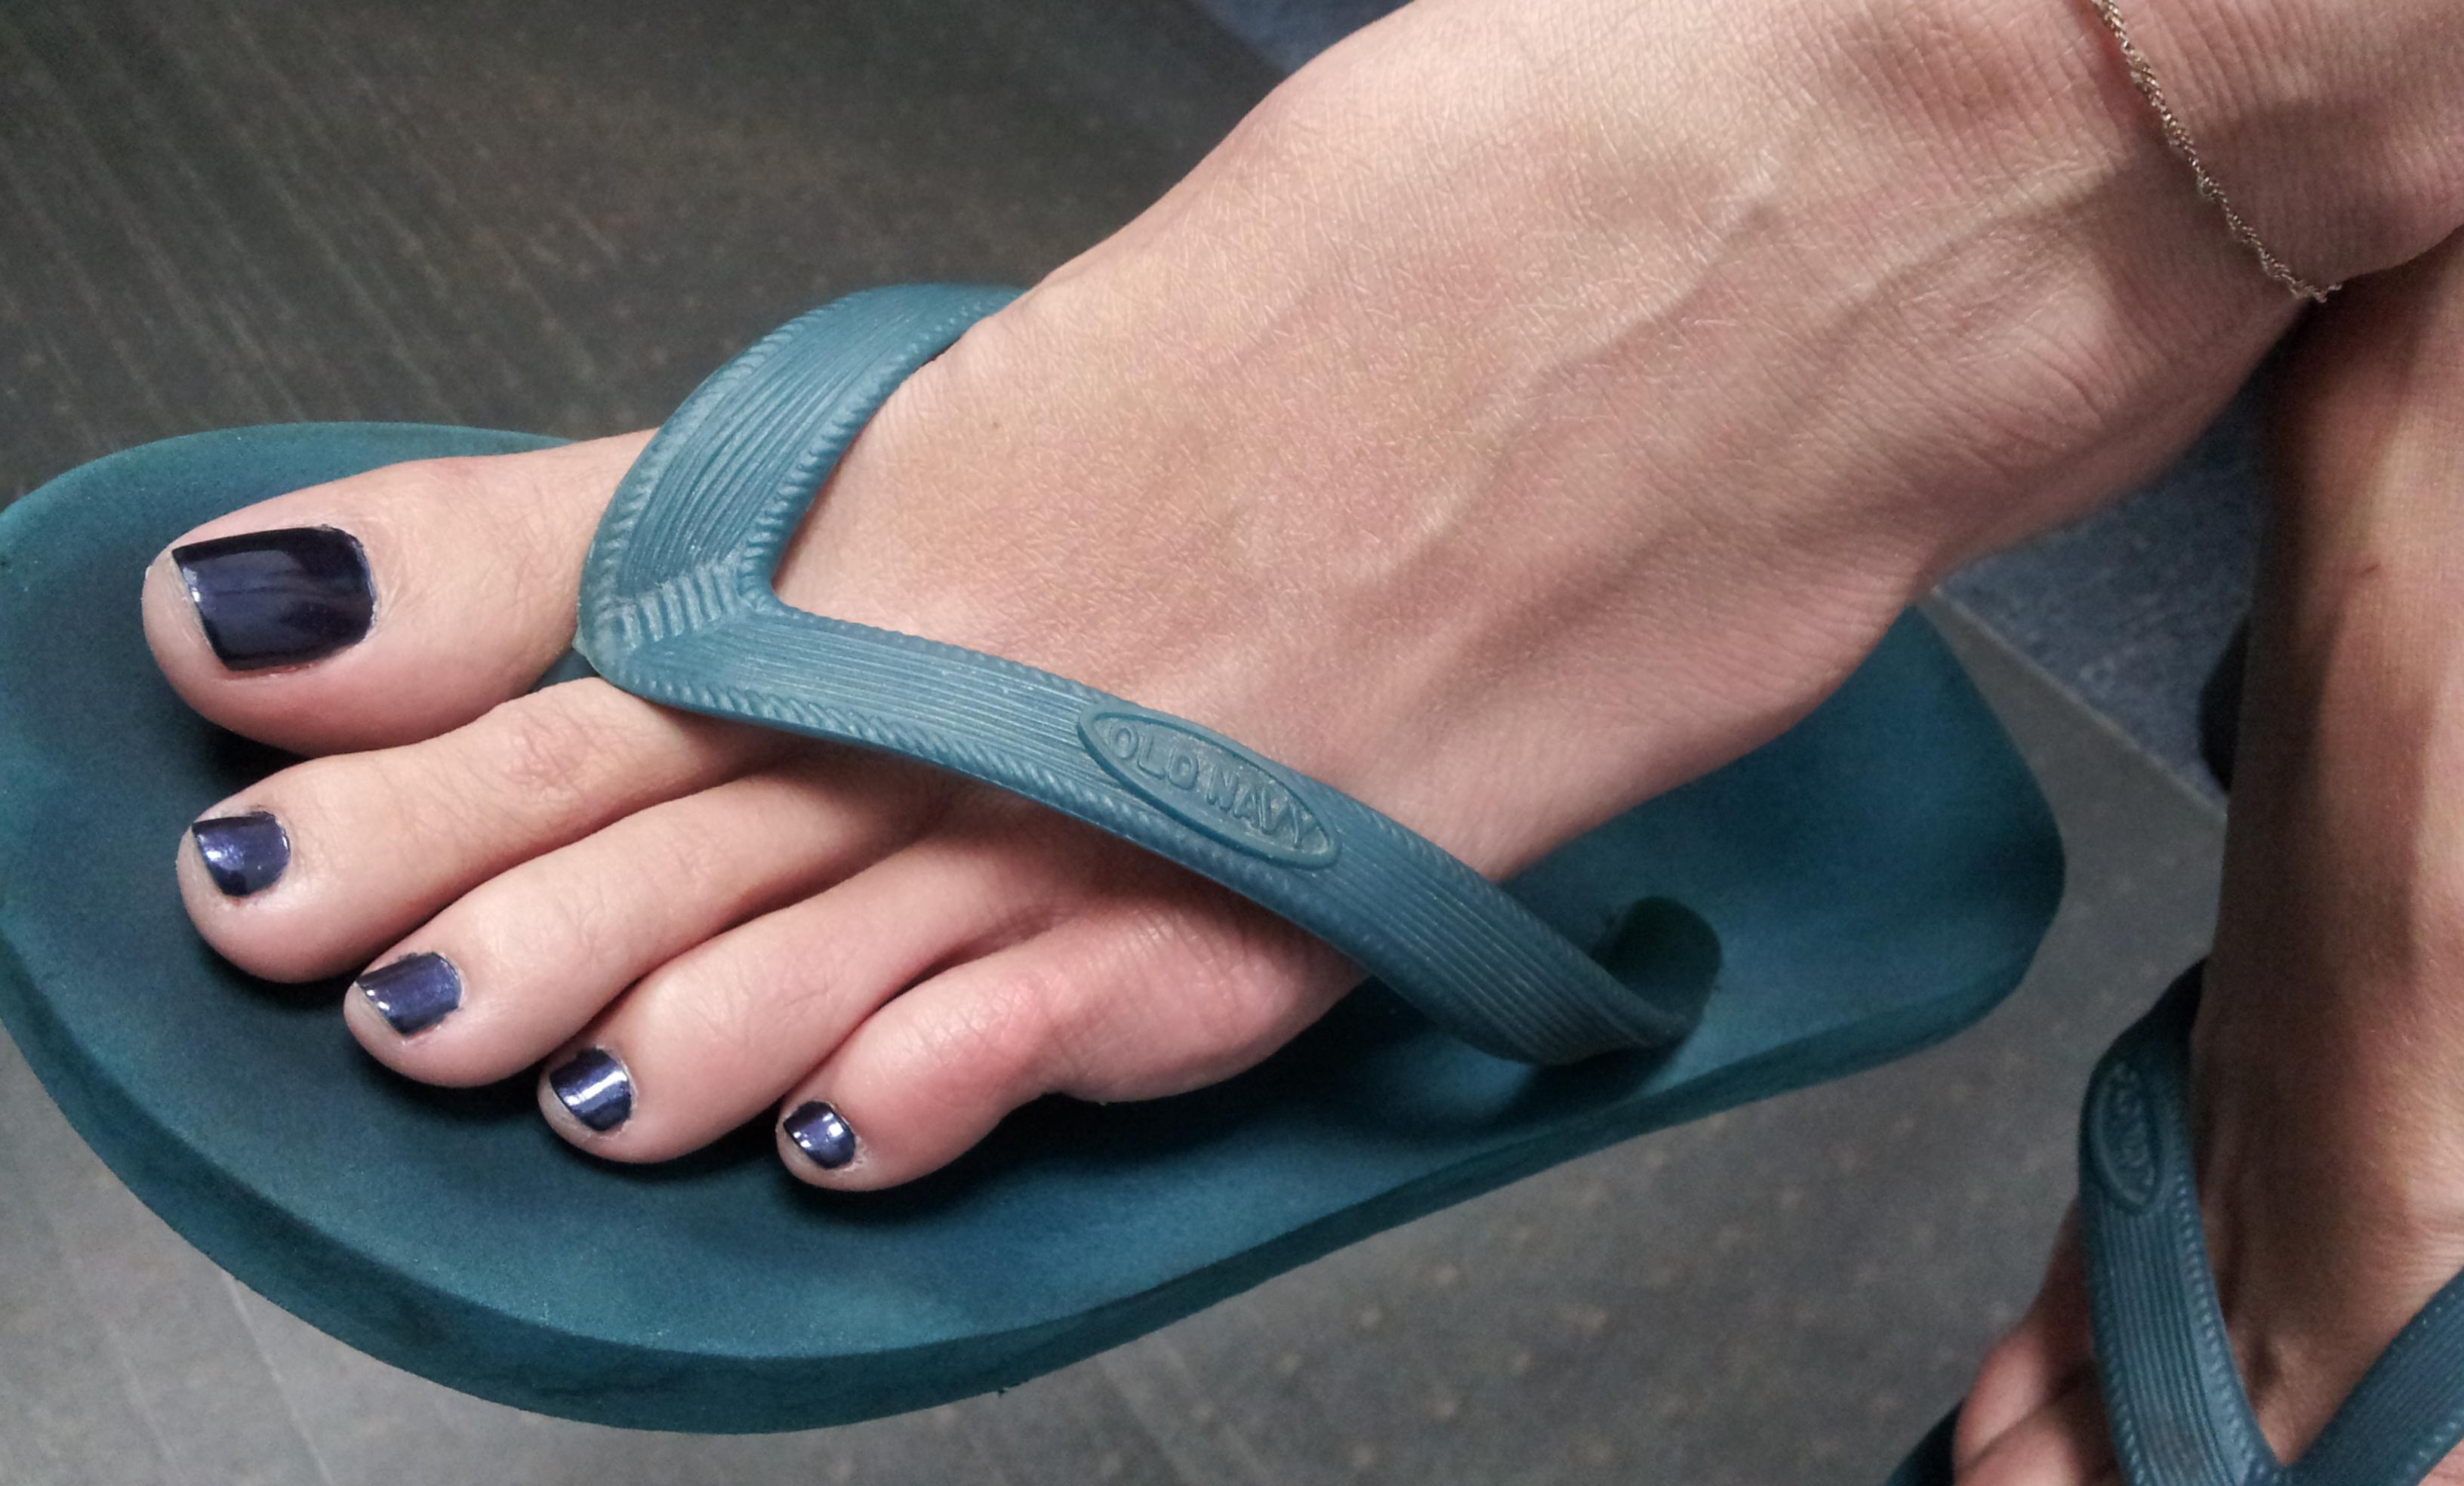 Feet flip flops fetish